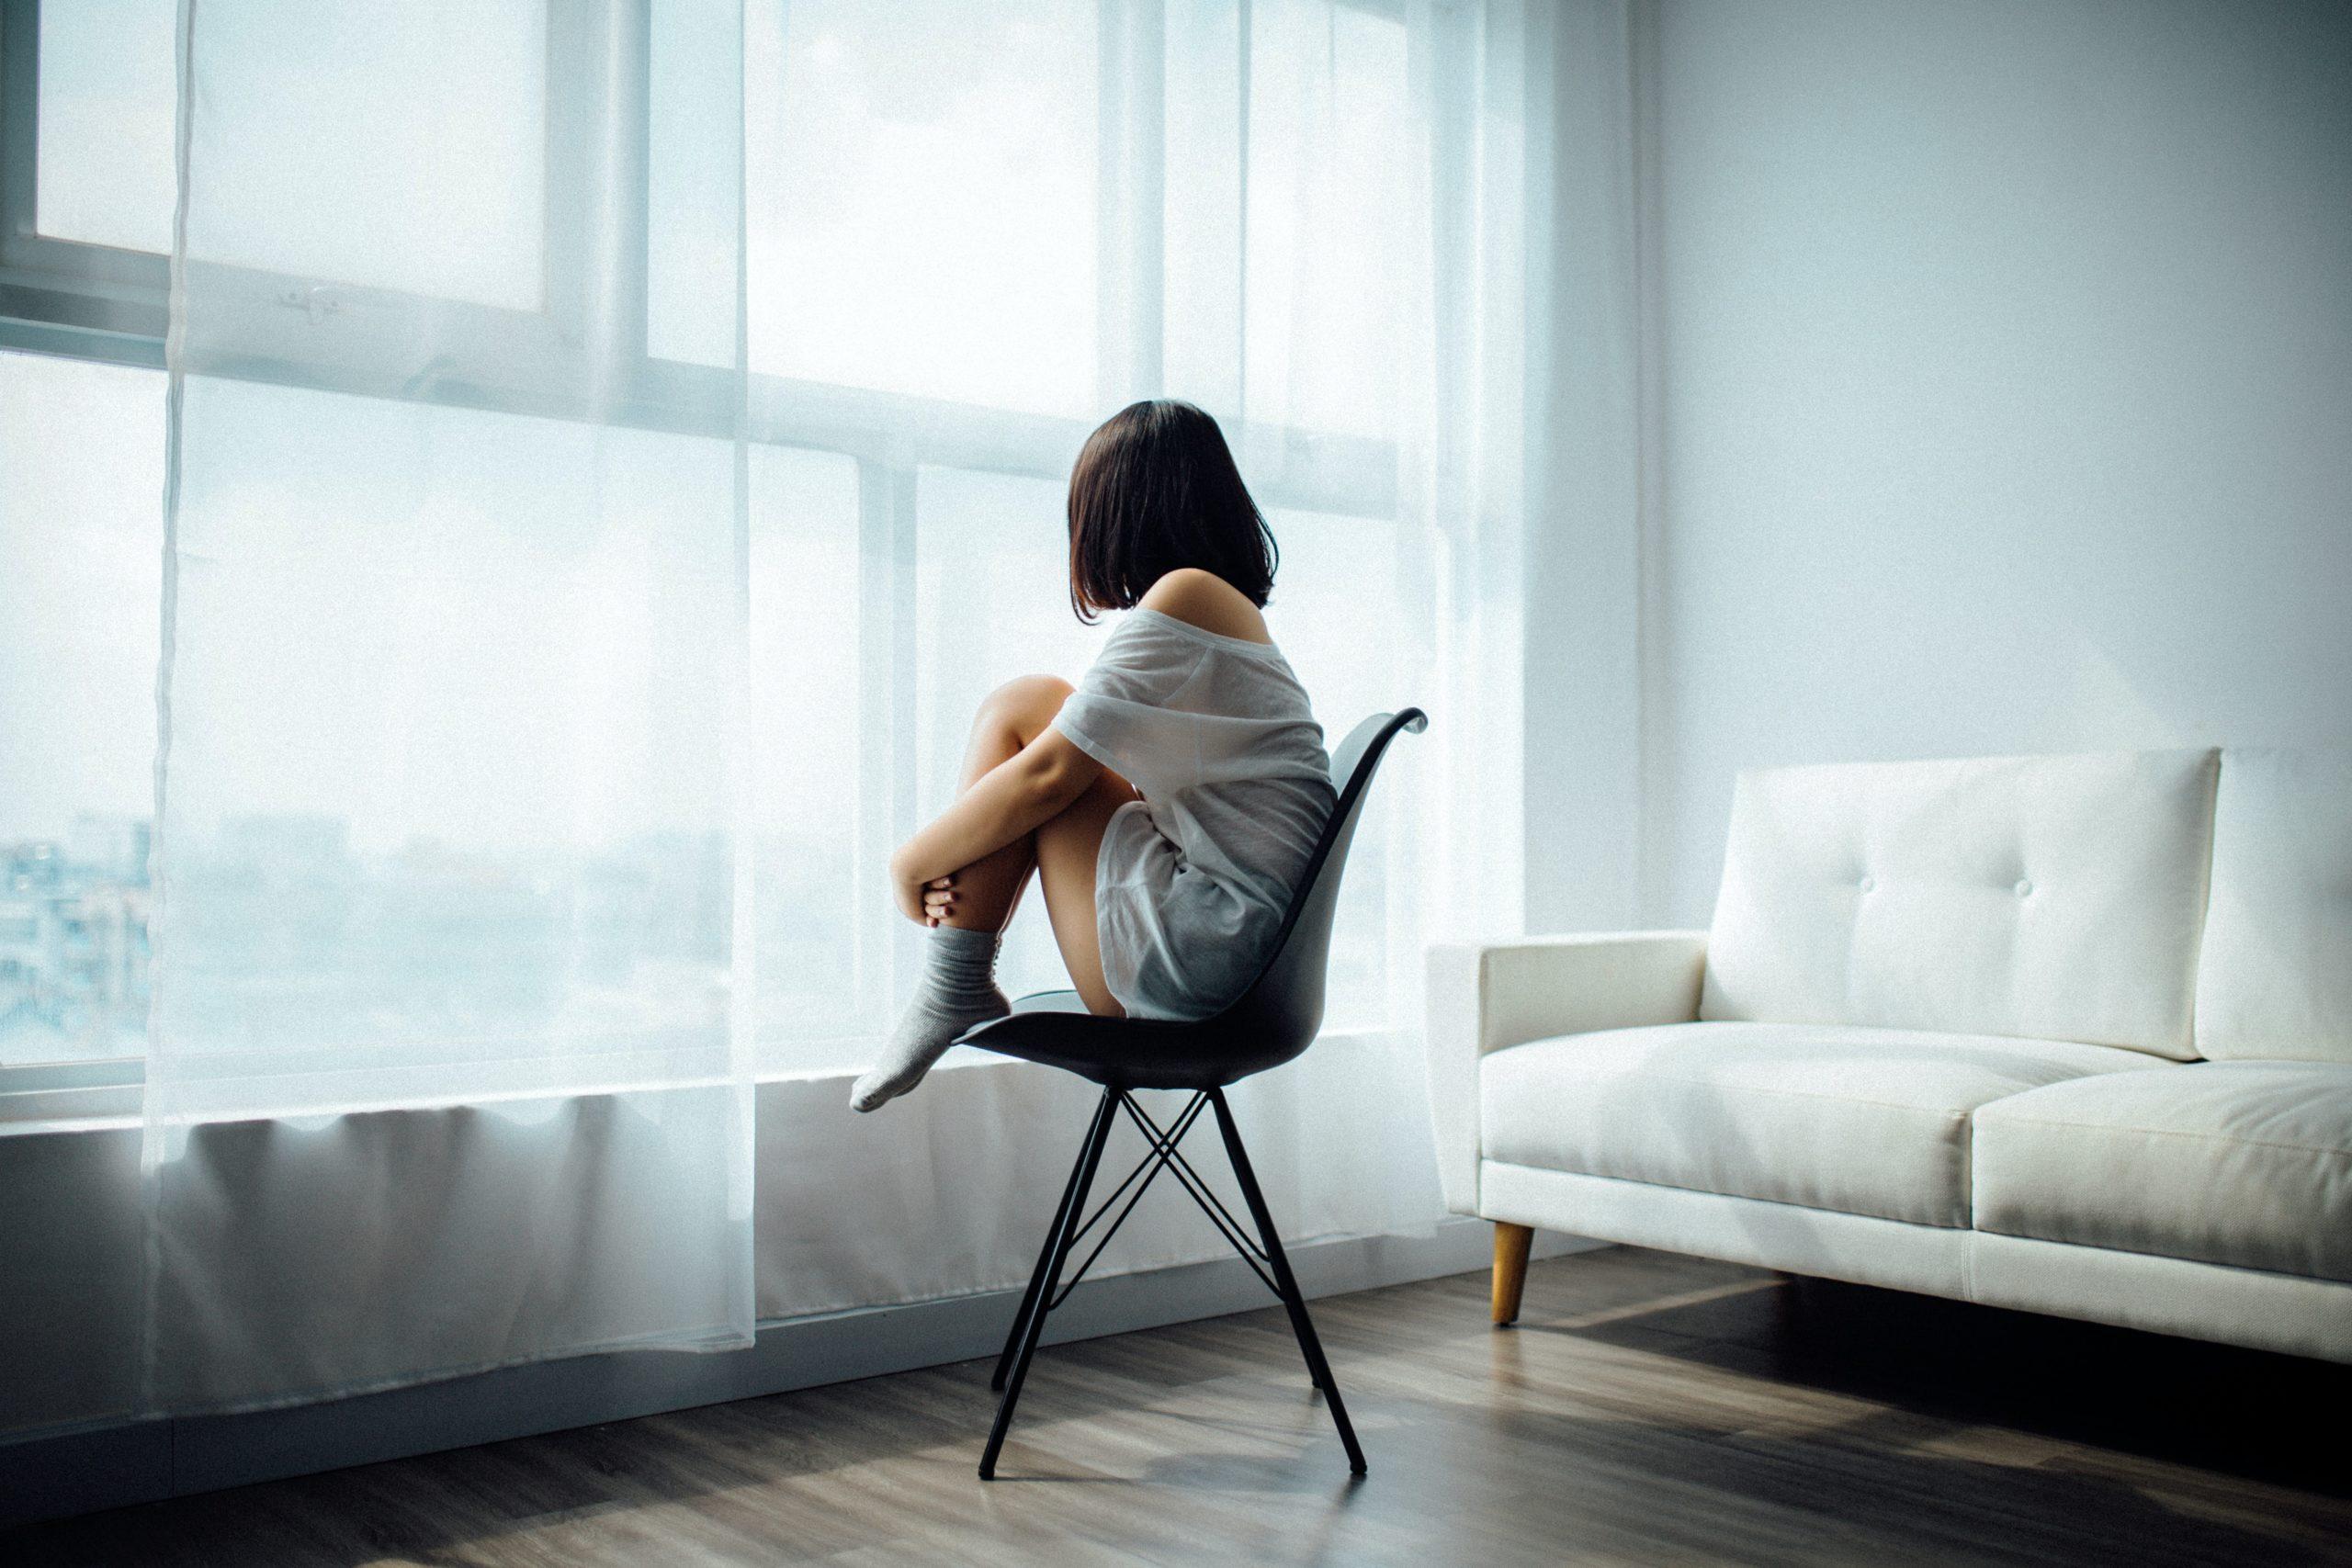 La prevención del suicidio: un desafío global por el que debemos luchar